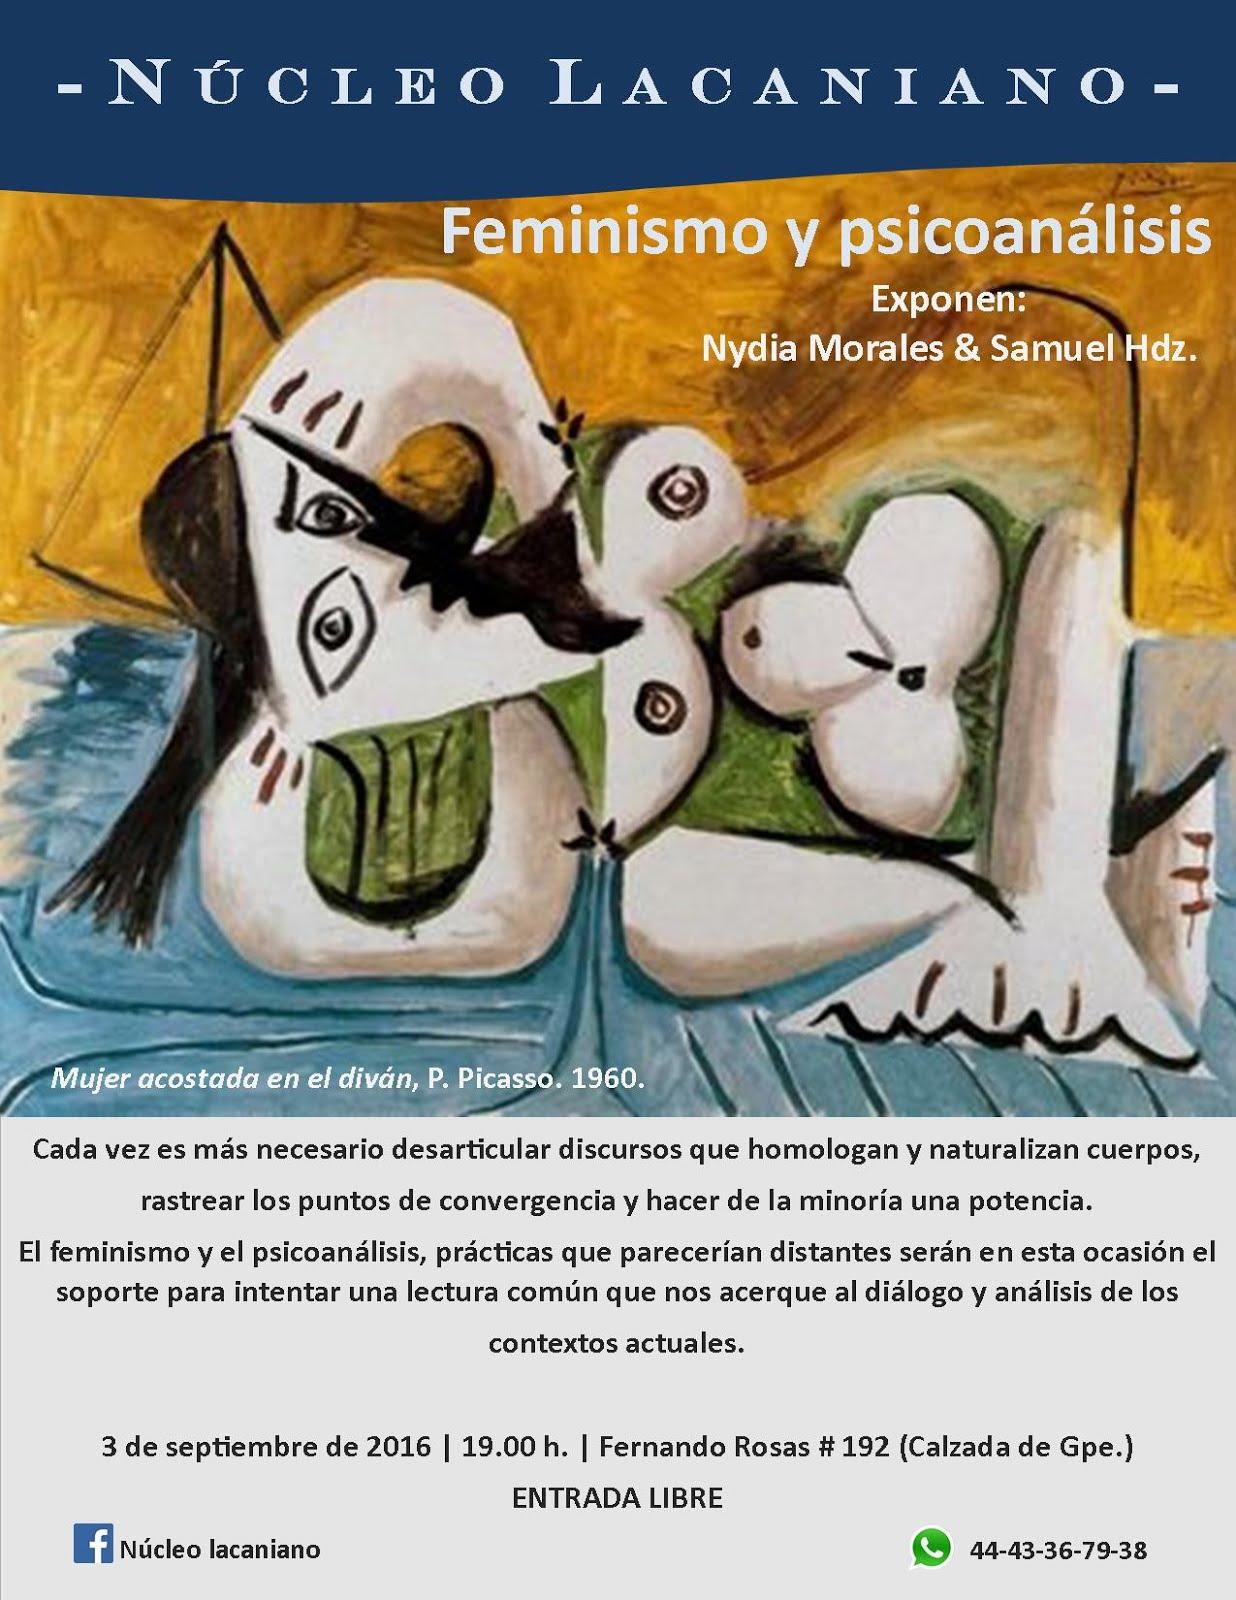 Feminismo y psicoanálisis